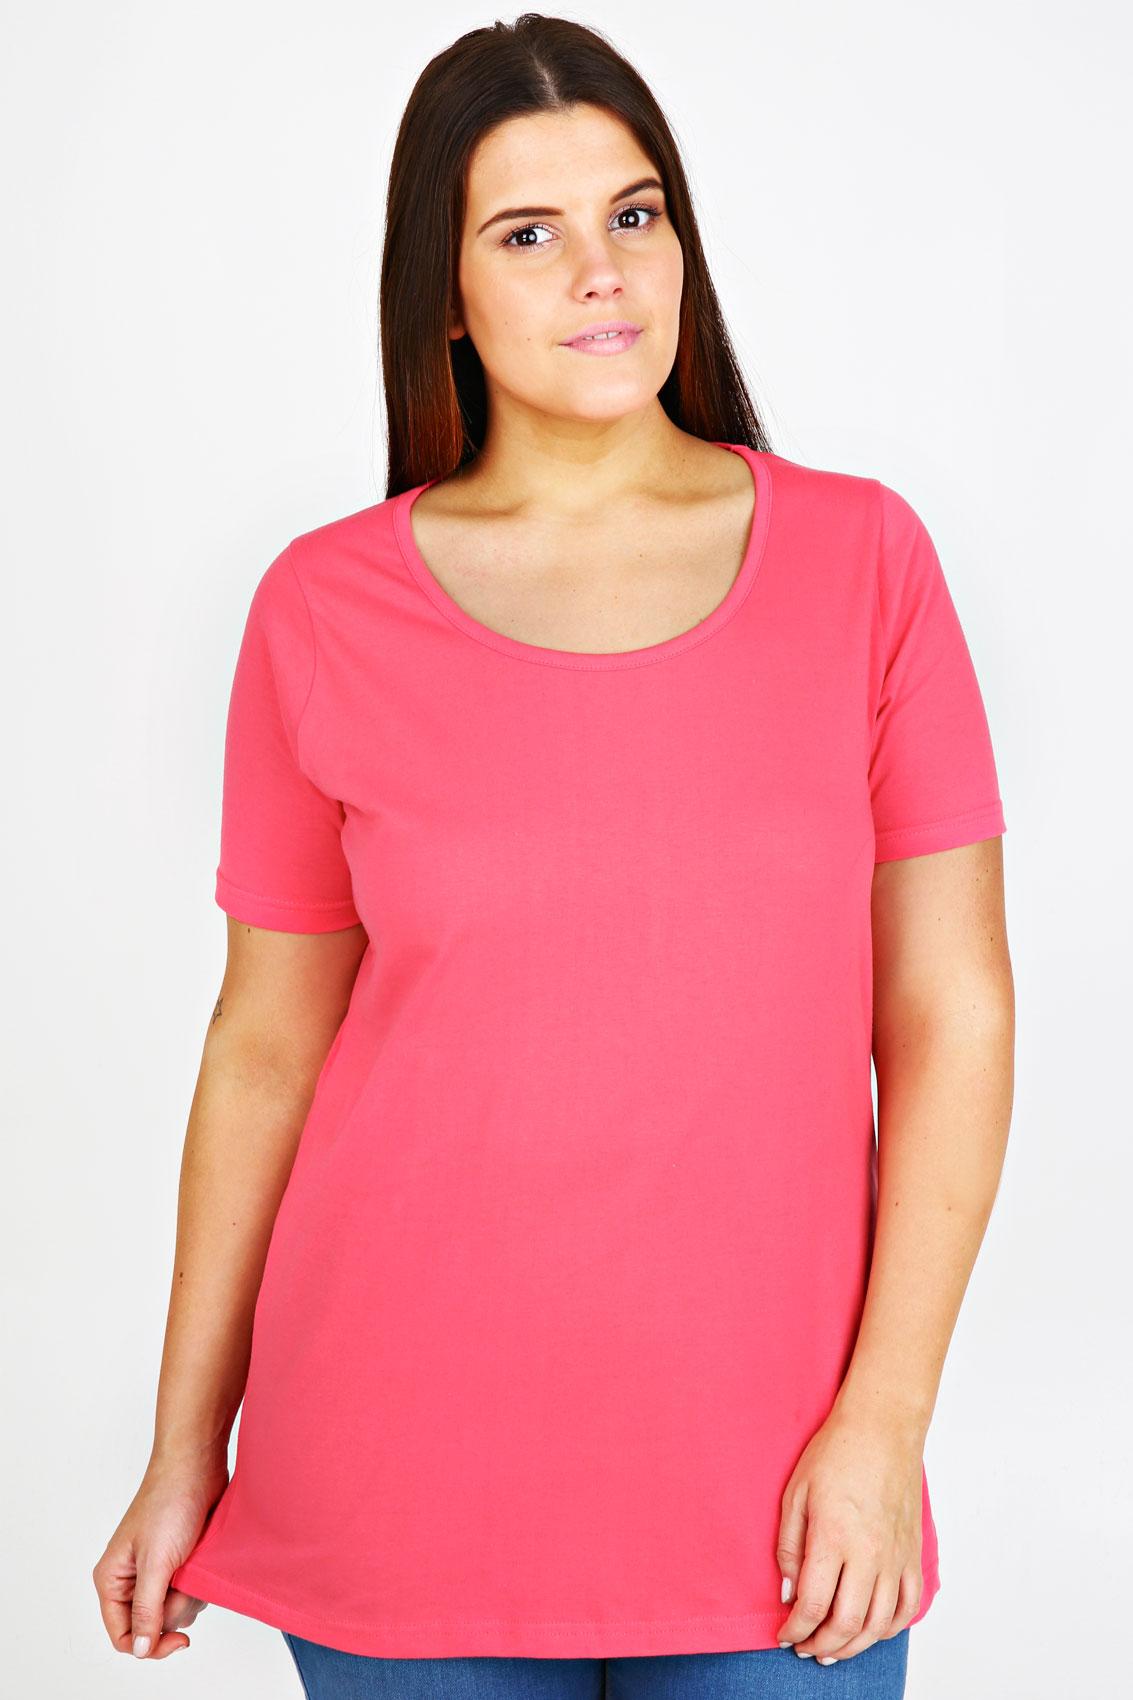 Watermelon Plain Basic Scoop Neck T Shirt Plus Size 16 18